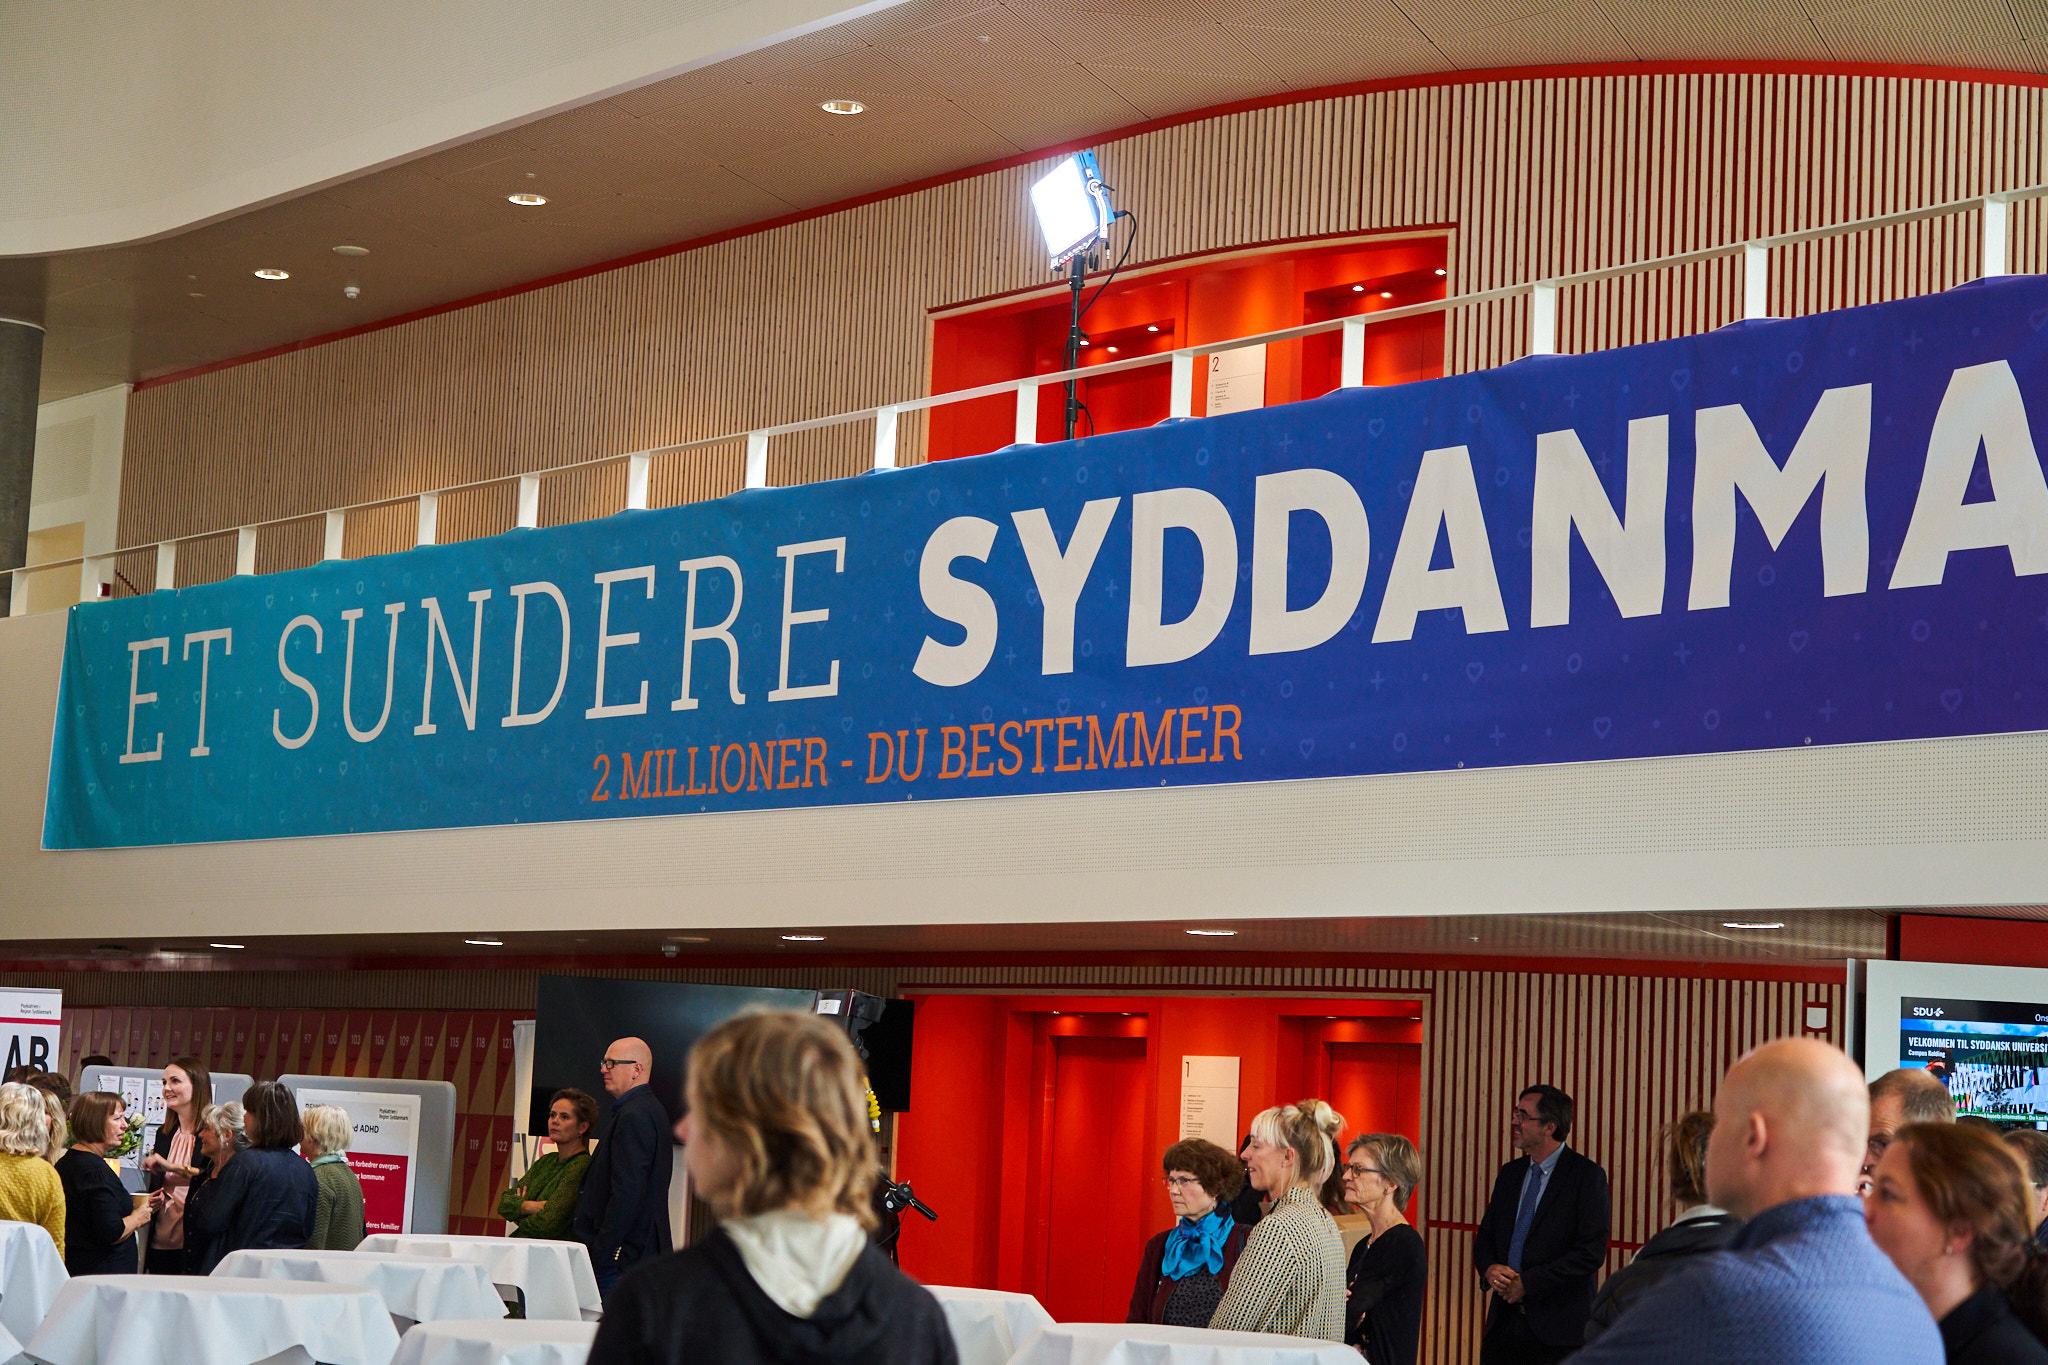 Afvikling af Et sundere Syddanmark på SDU i Kolding